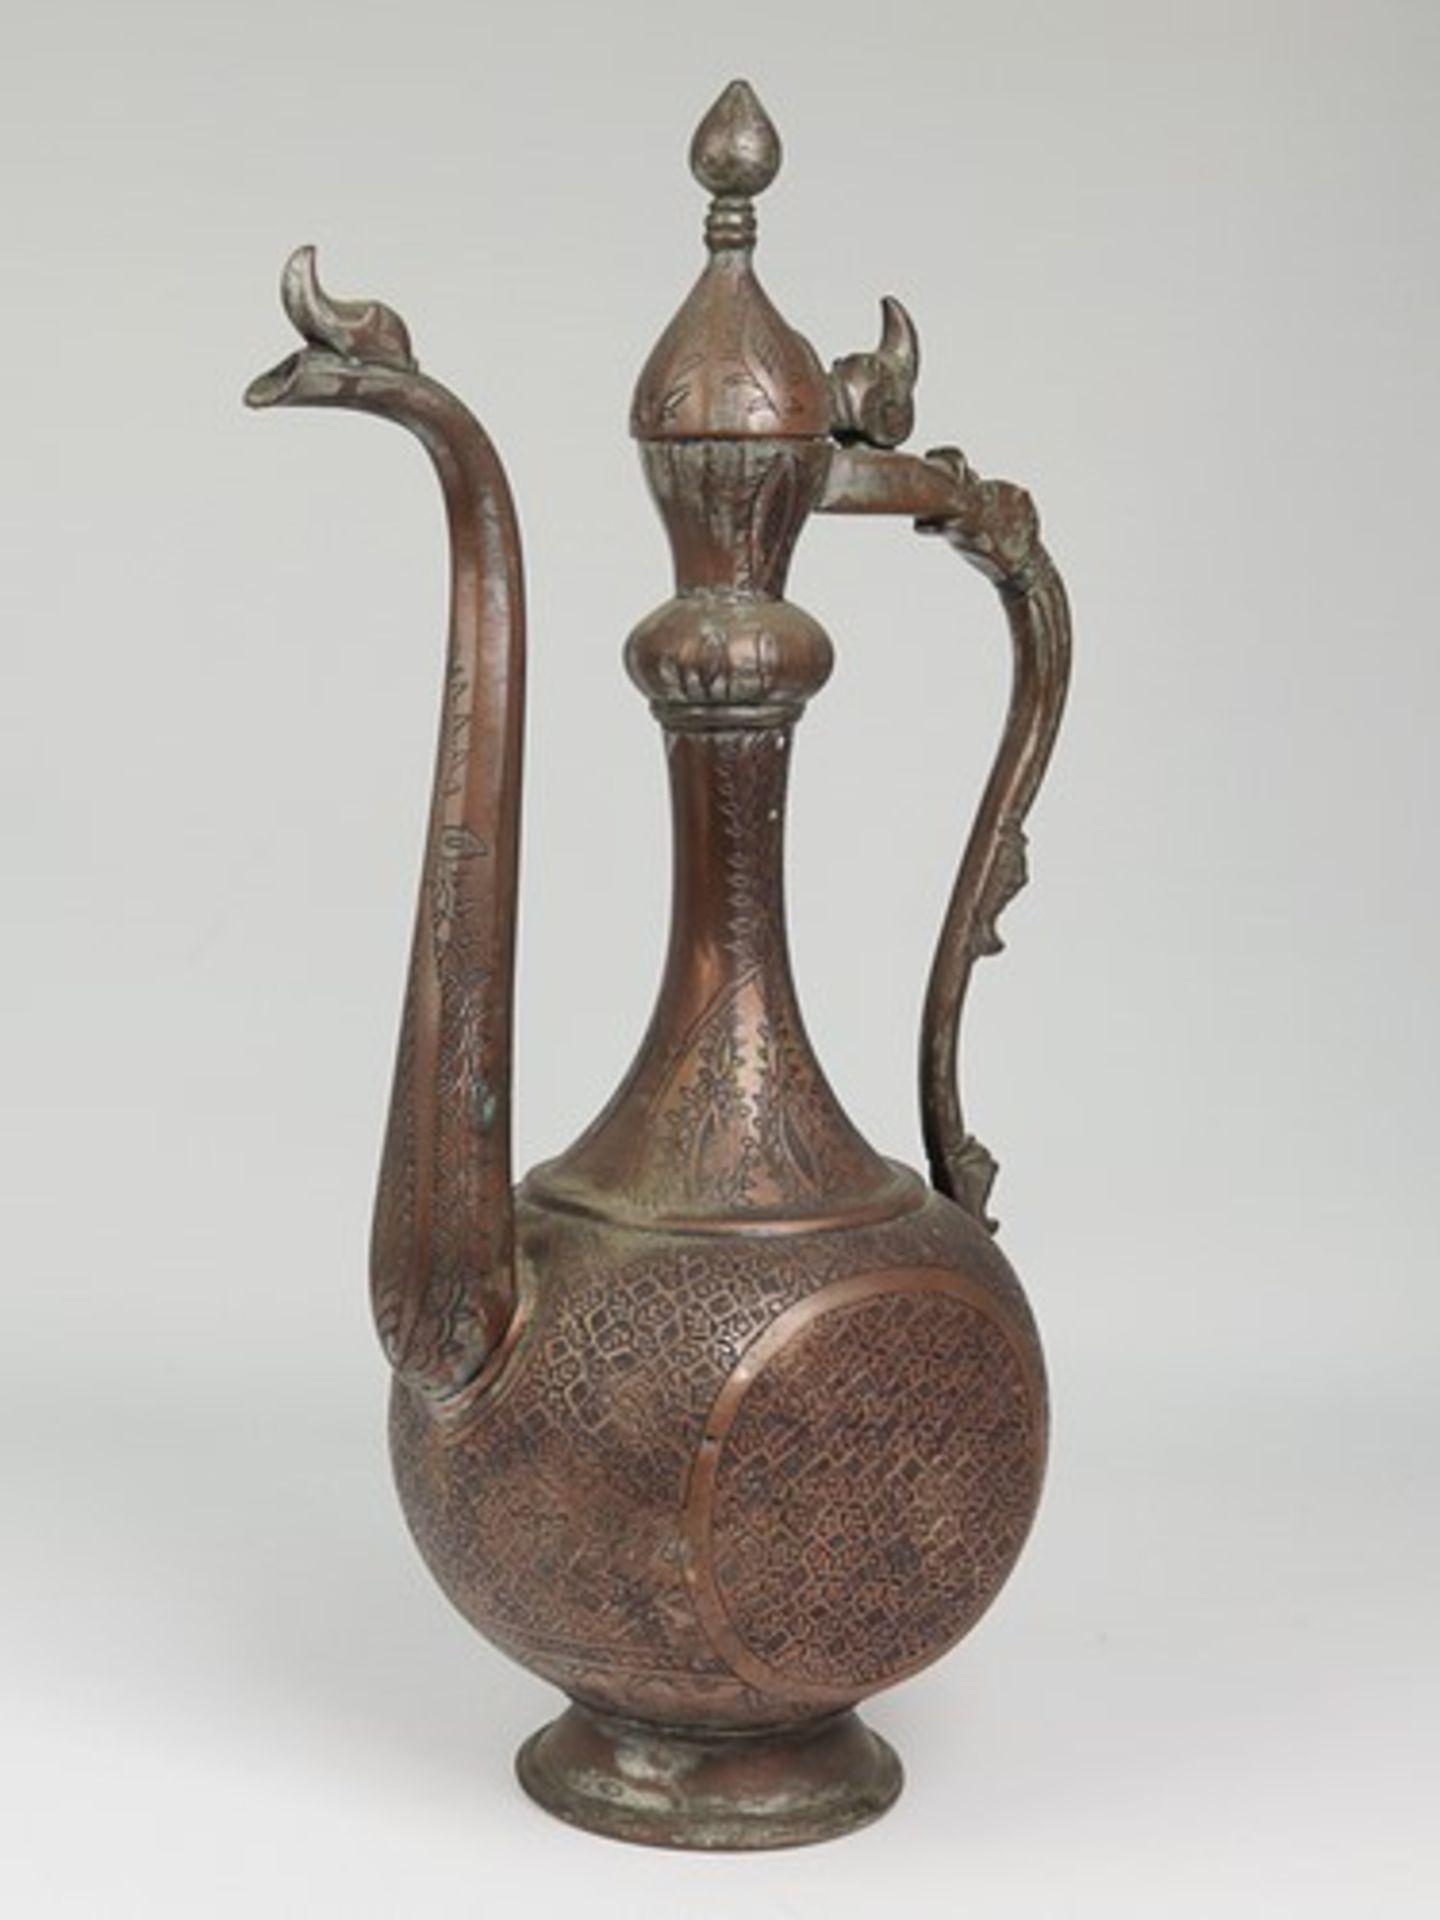 Los 1839 - Kanne - Indien/Orientalischwohl um 1900, im Stil der Bidriware, Metall, verkupfert, runder Stand,